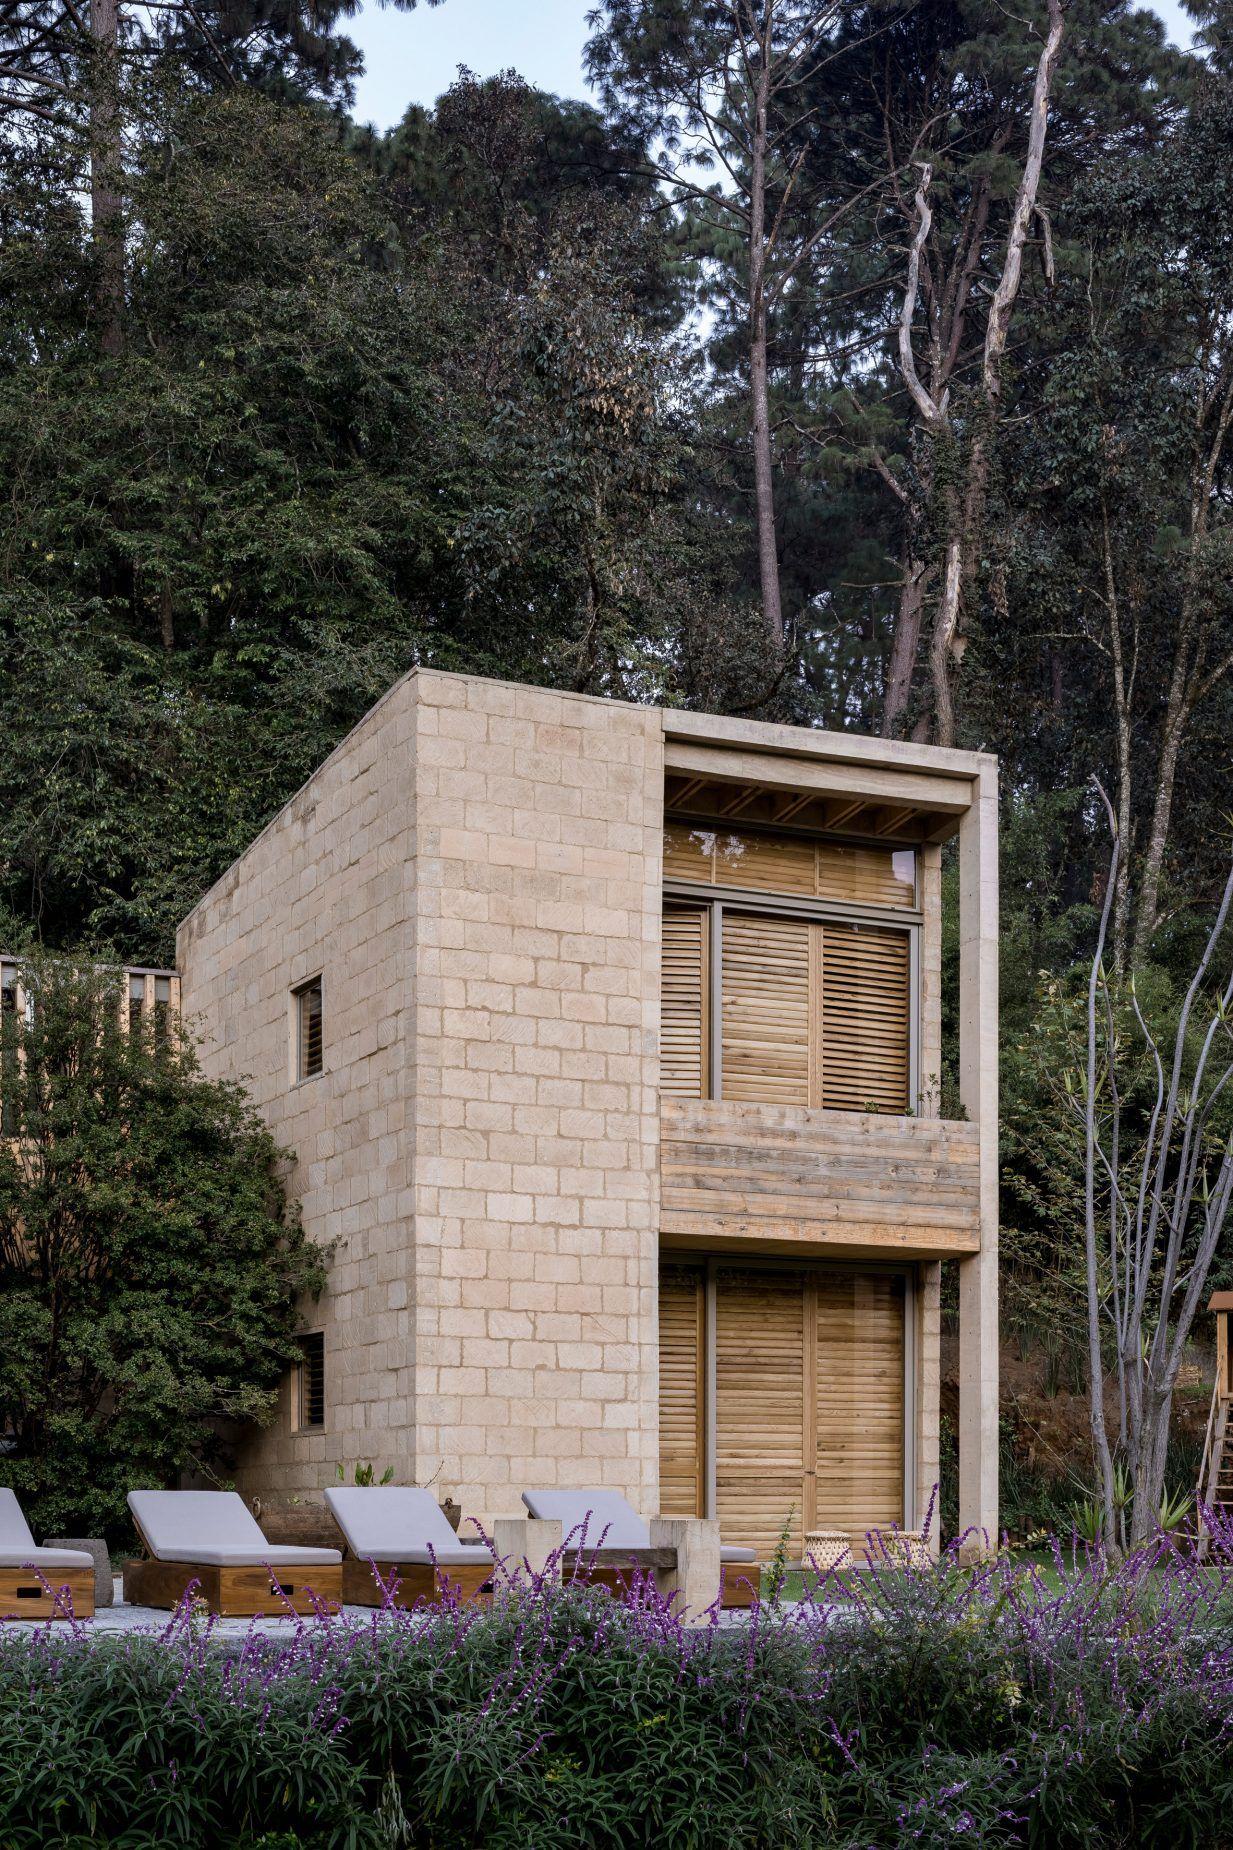 Mud Brick Walls Form House In Avandaro By Taller Hector Barroso V 2020 G S Izobrazheniyami Betonnye Doma Vneshnij Vid Doma Arhitektura Doma